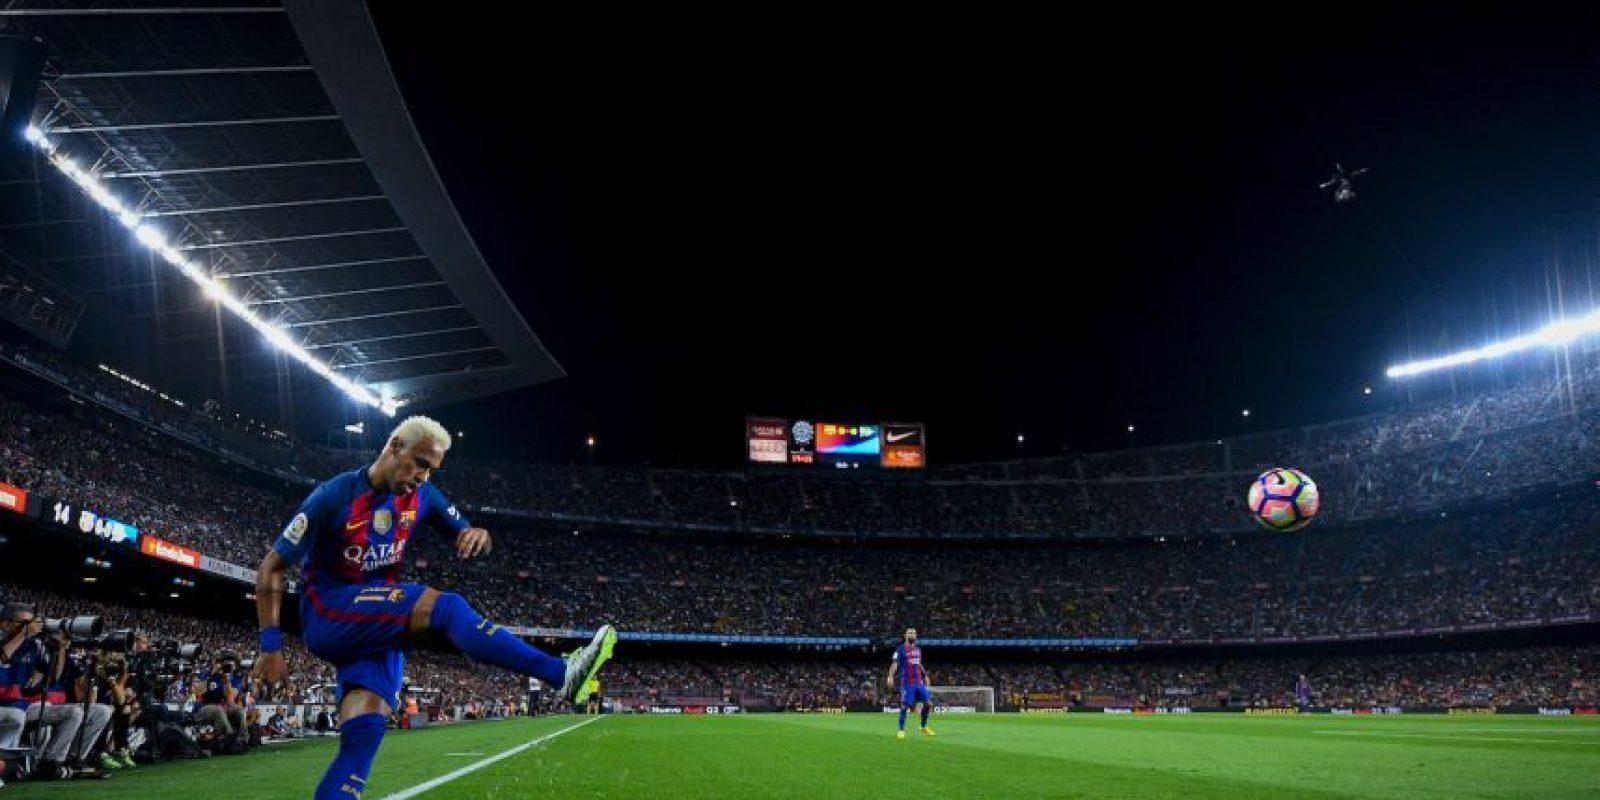 Getty Images Foto:PSG le ofreció a Neymar 40 millones de euros, un jet privado y una cadena de hoteles para convencerlo.